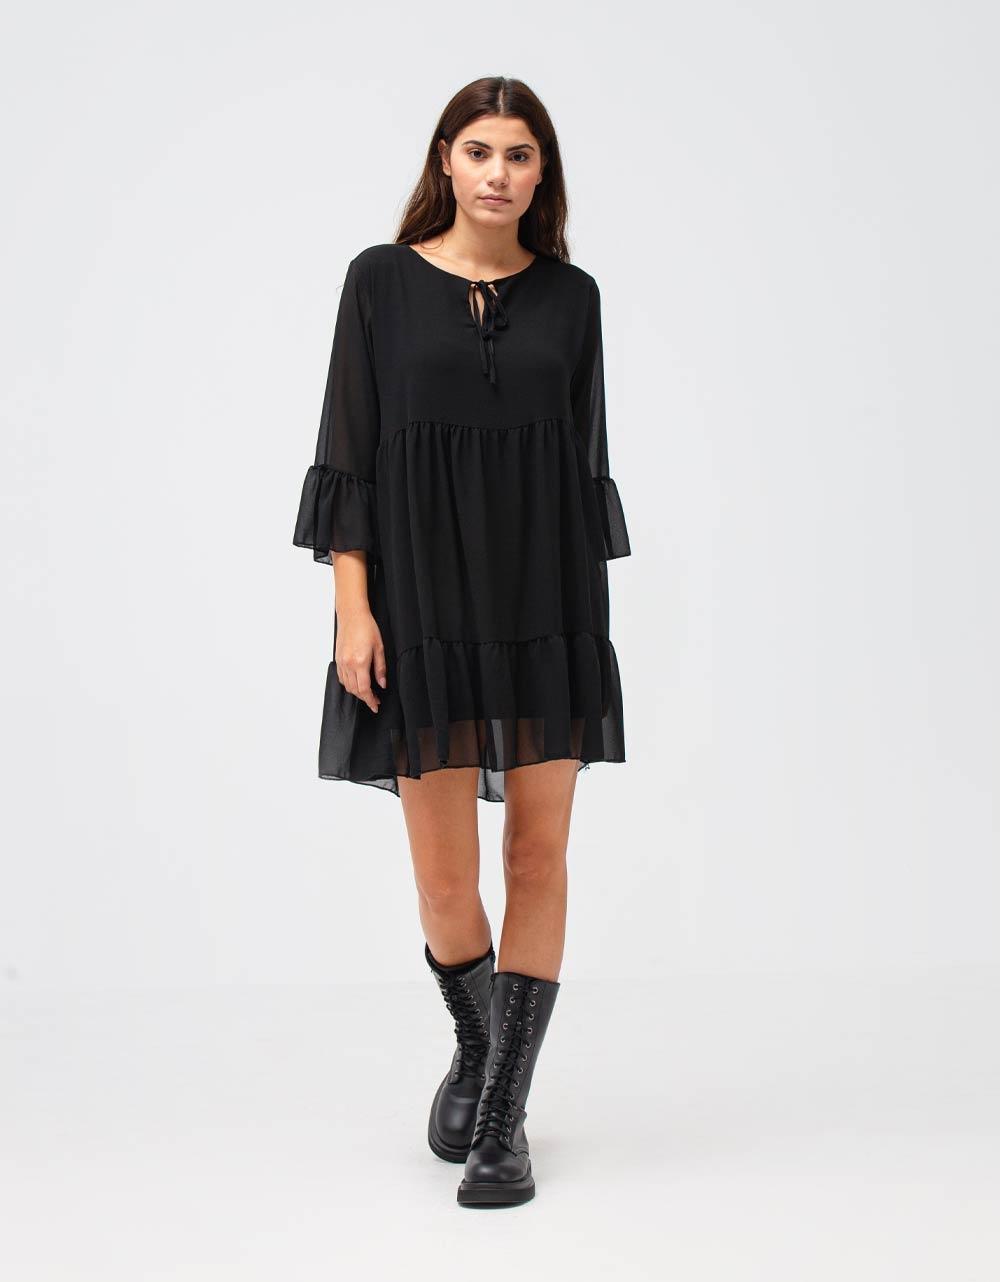 Εικόνα από Γυναικείο φόρεμα αέρινο με βολάν Μαύρο